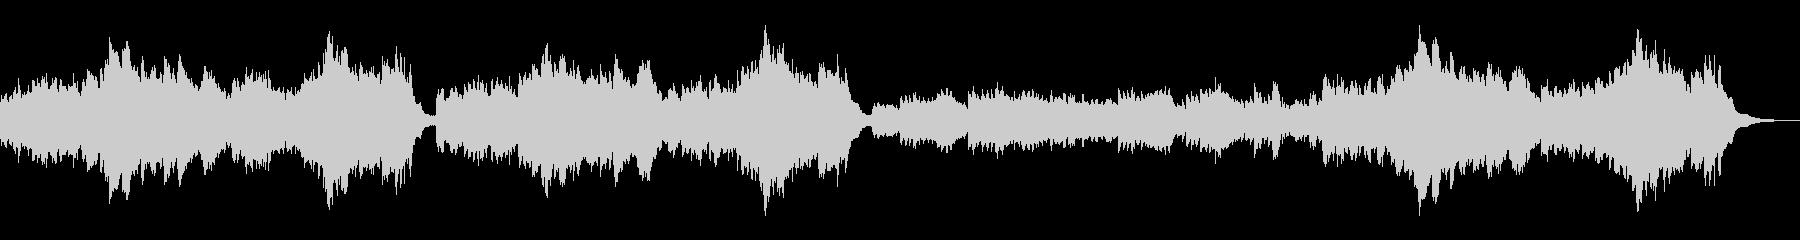 ピアノ練習曲/ブルグミュラー清らかな小川の未再生の波形